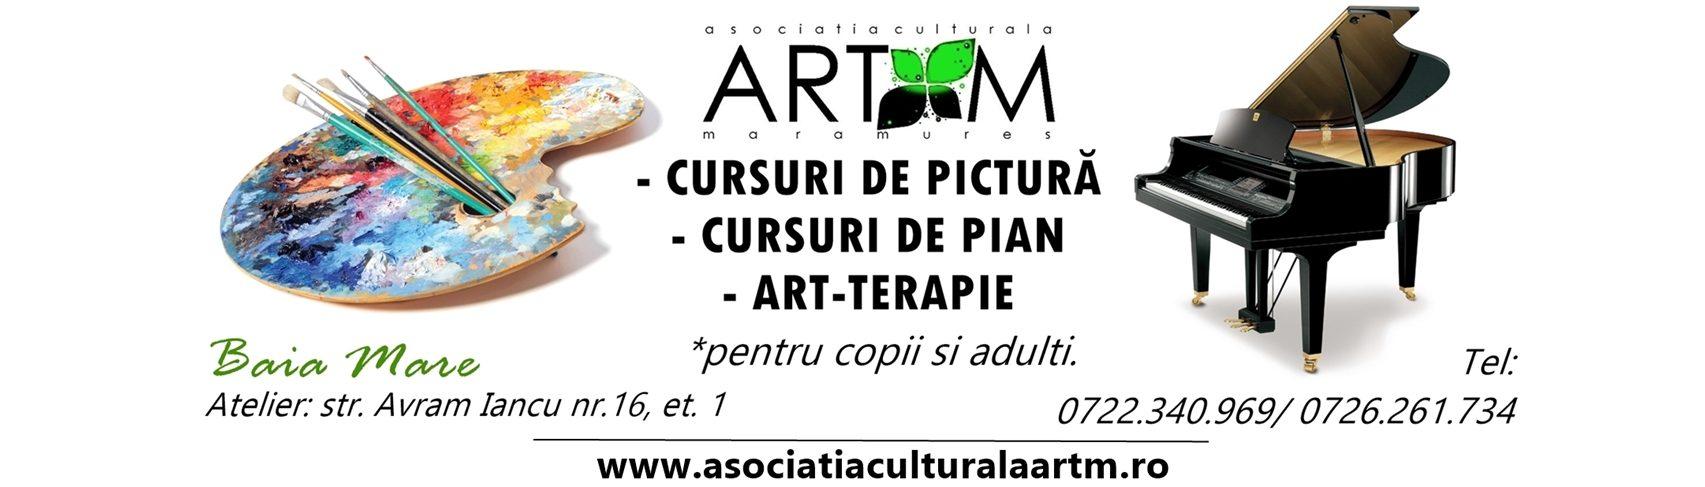 ASOCIATIA CULTURALA ART-M